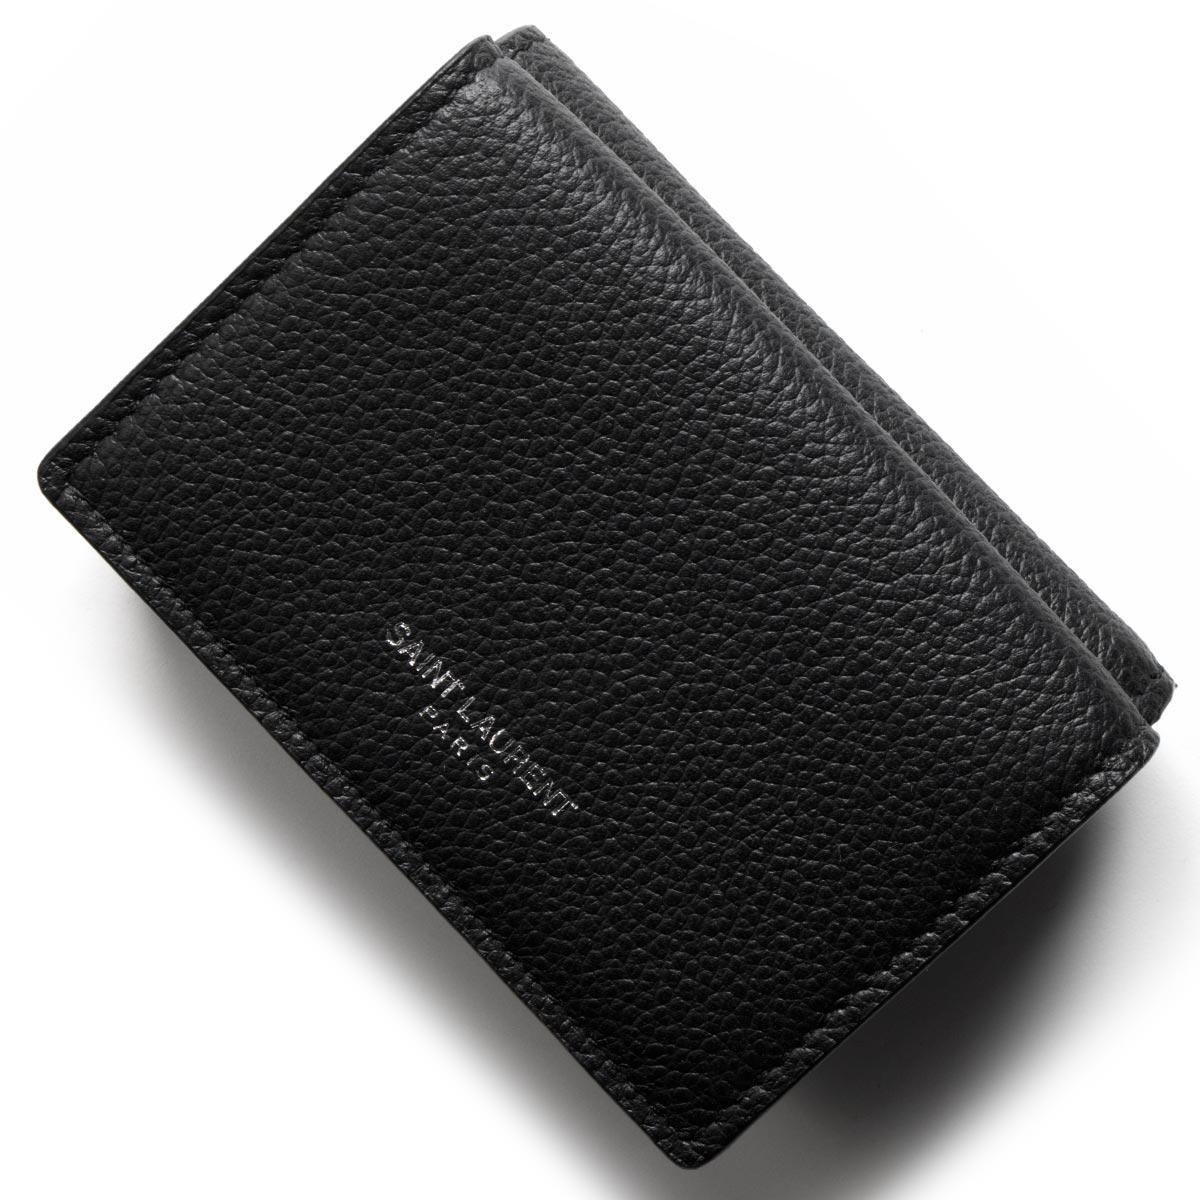 サンローランパリ イヴサンローラン 財布 三つ折り財布/ミニ財布 財布 レディース ブラック 459784 B680N 1000 SAINT LAURENT PARIS バーゲン